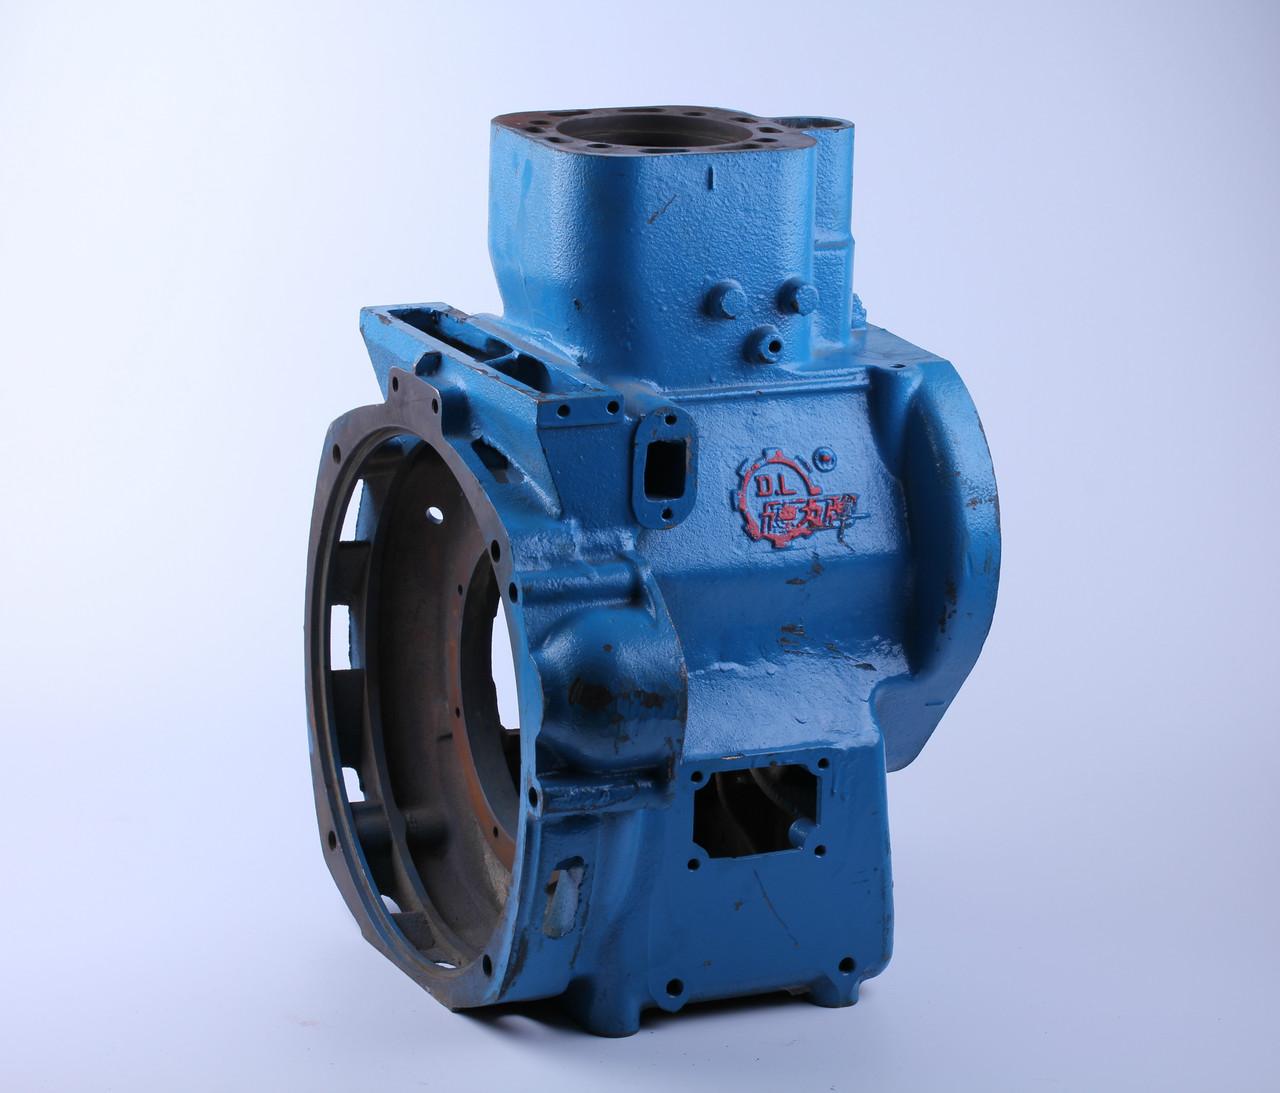 Блок цилиндра двигателя DL190-12